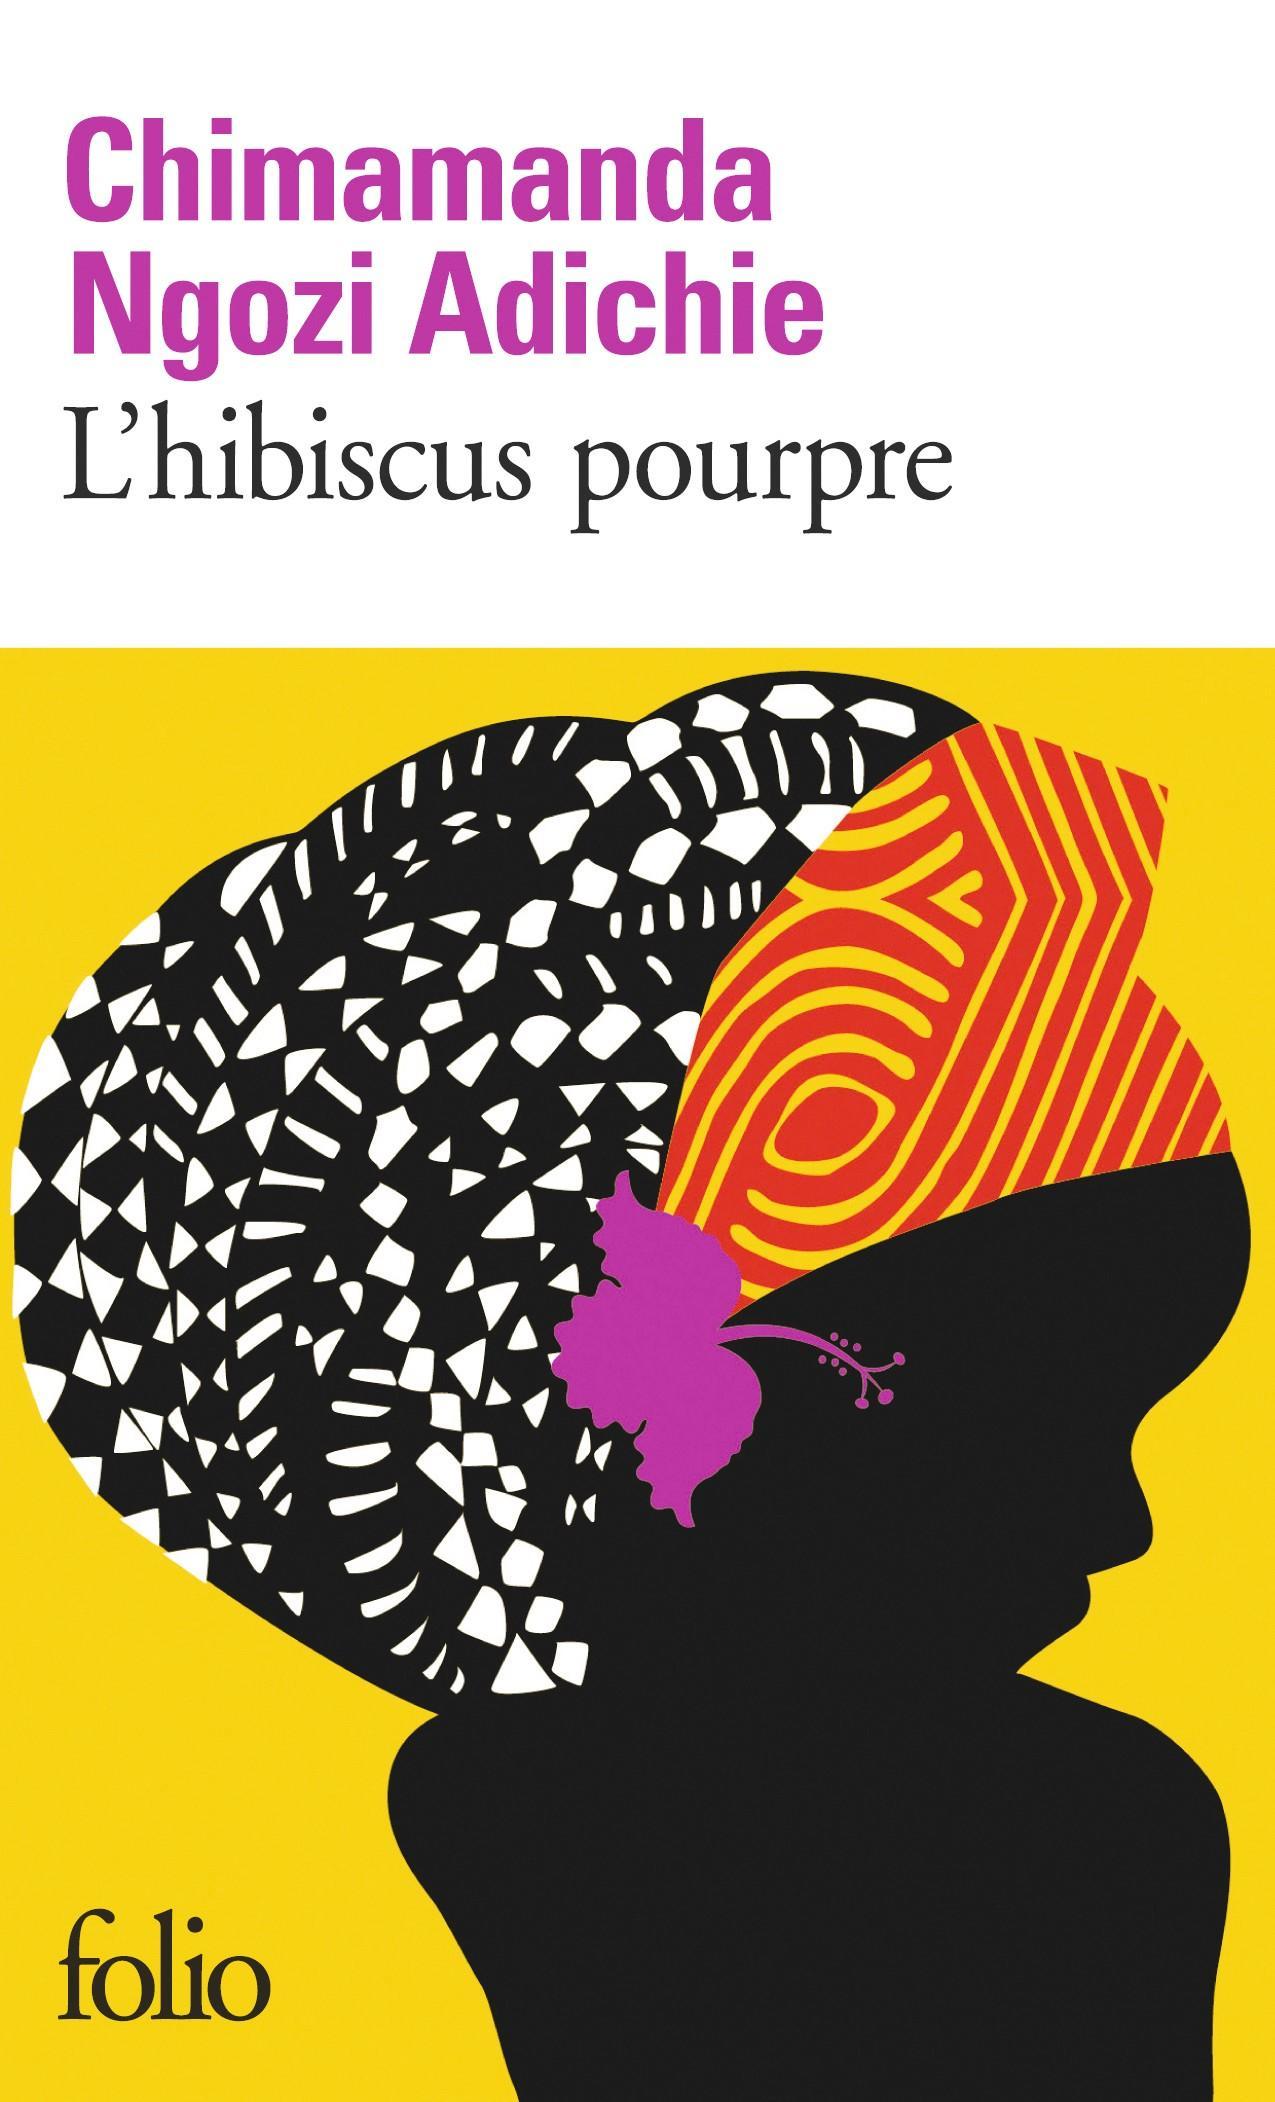 Chimamanda Ngozi Adichie, L'Hibiscus pourpre, 2003, coll. Folio, Gallimard, 2016.